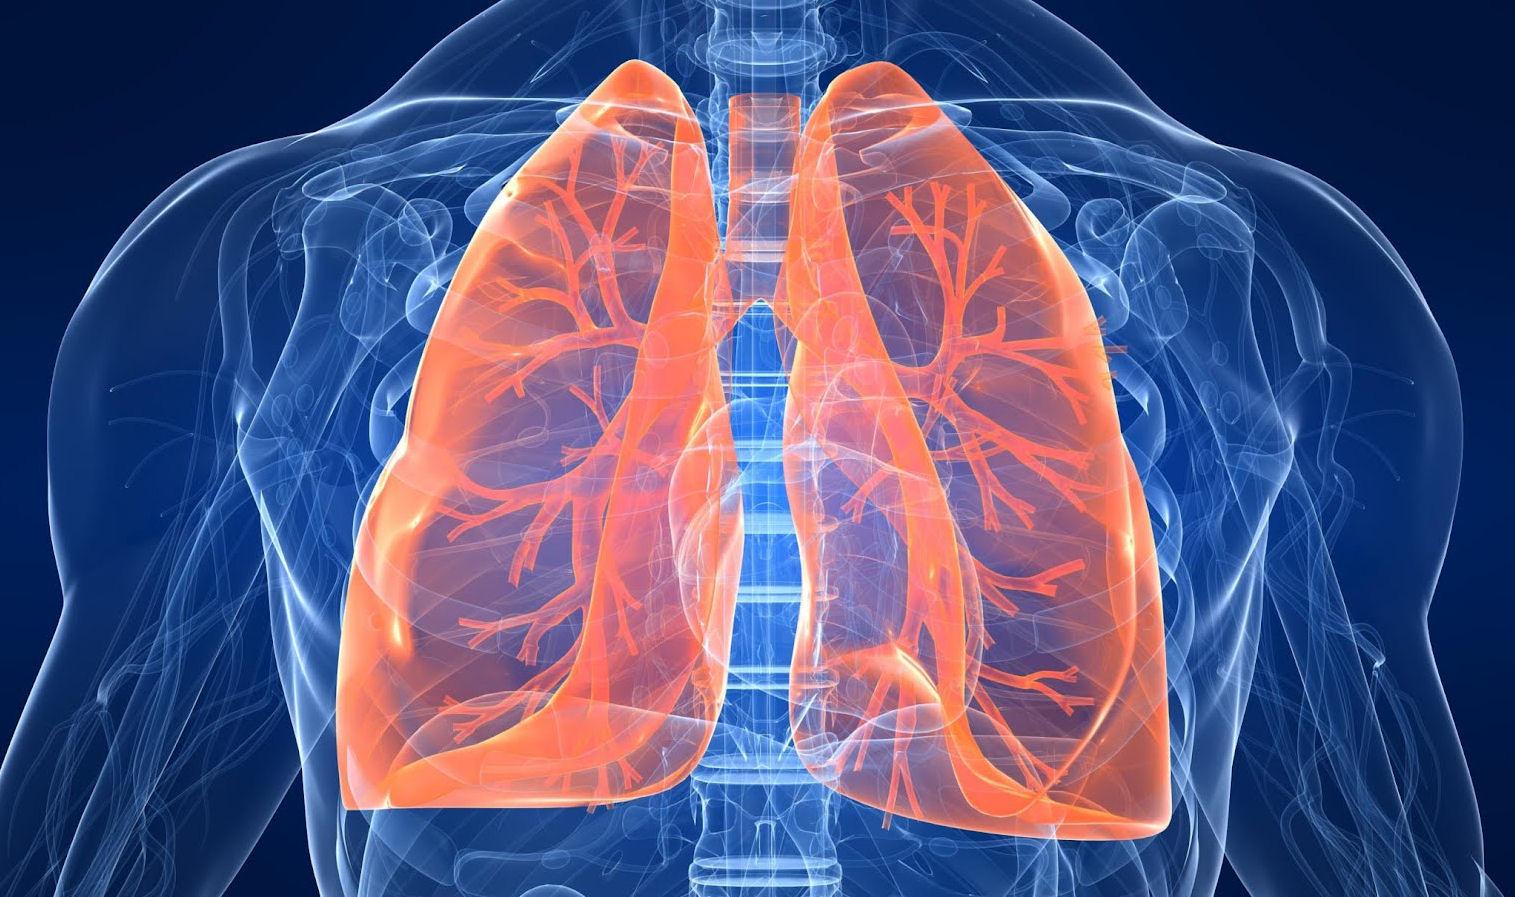 Regeneracja i oczyszczanie płuc oraz dróg oddechowych. Jak oczyścić płuca? Inhalacje, ćwiczenia, dieta i zioła na płuca KOMPENDIUM